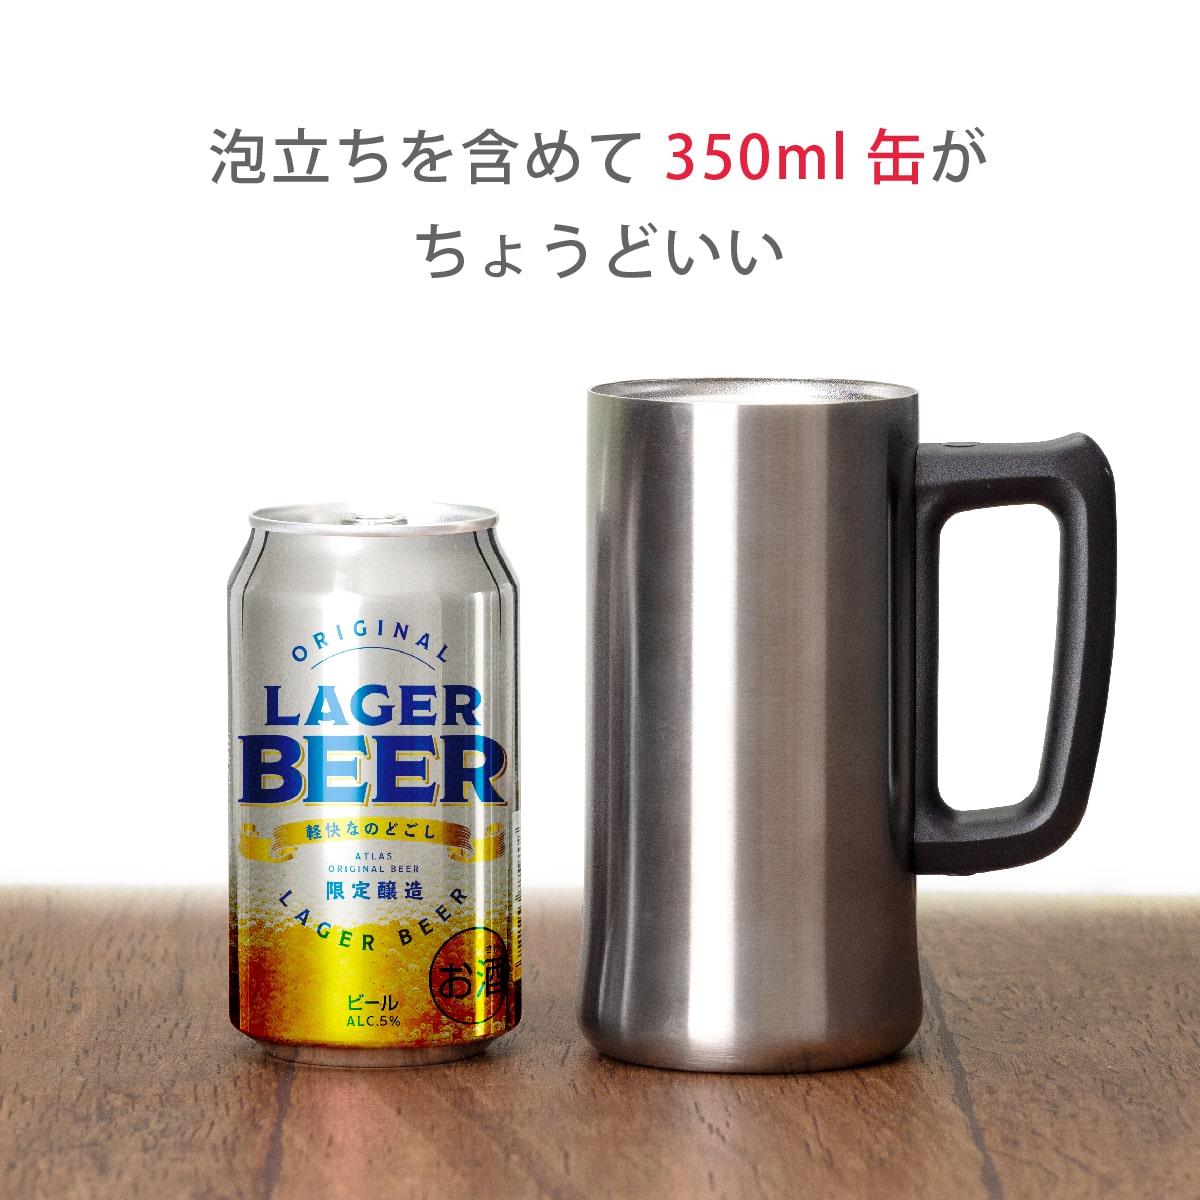 Sinqs 真空ビールジョッキ 470ml マット image03